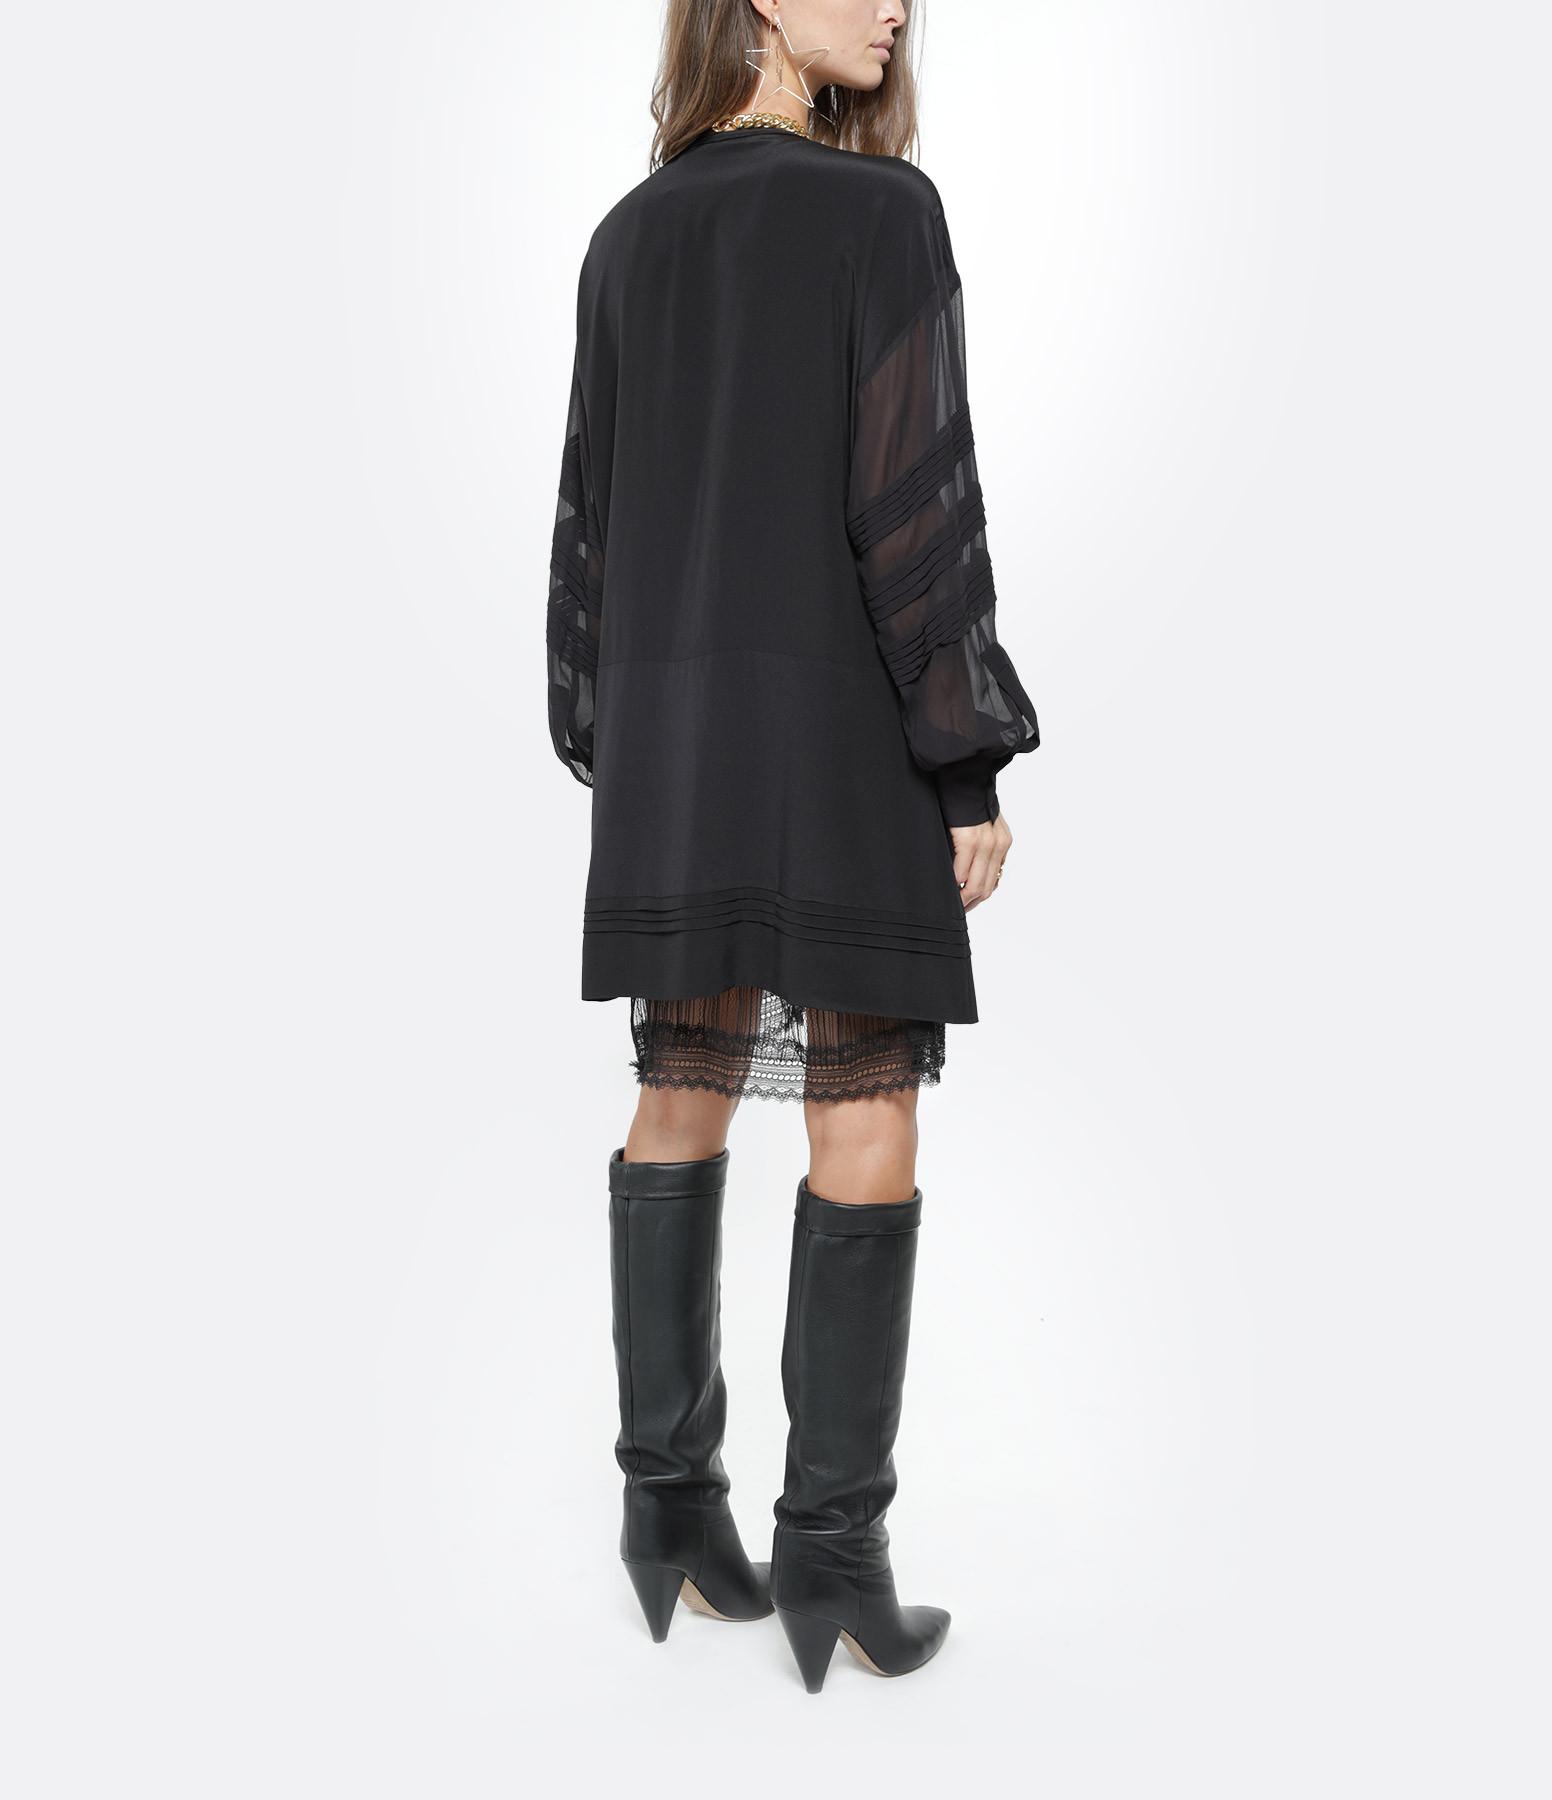 IRO - Robe Amaku Noir